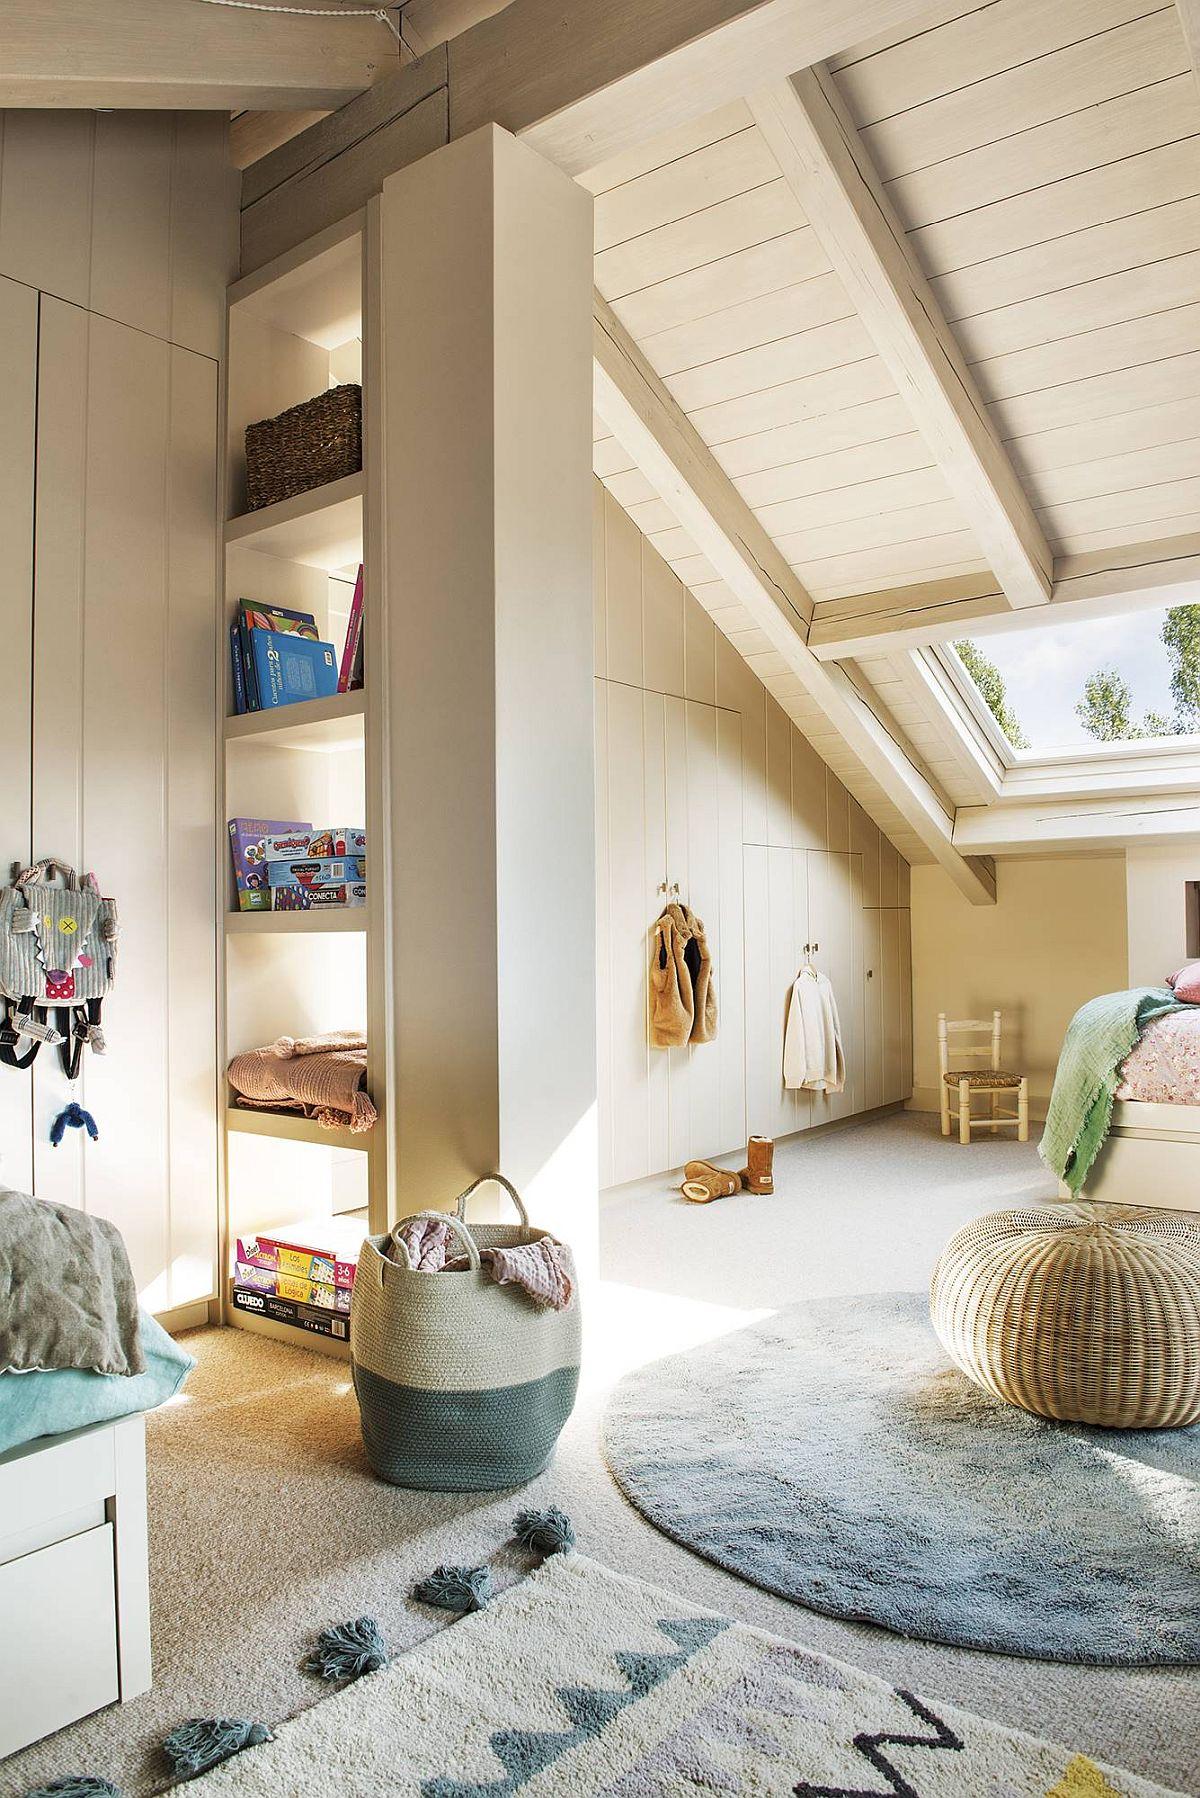 Zona camerei copiilor dedicată băieților este ușor separată cu o etajeră, de fapt un motiv de a masca o parte din structura mansardei. Pe zona înaltă a camerei sunt amplasate dulapurile încastrate, tratate să pară ca niște lambriuri.